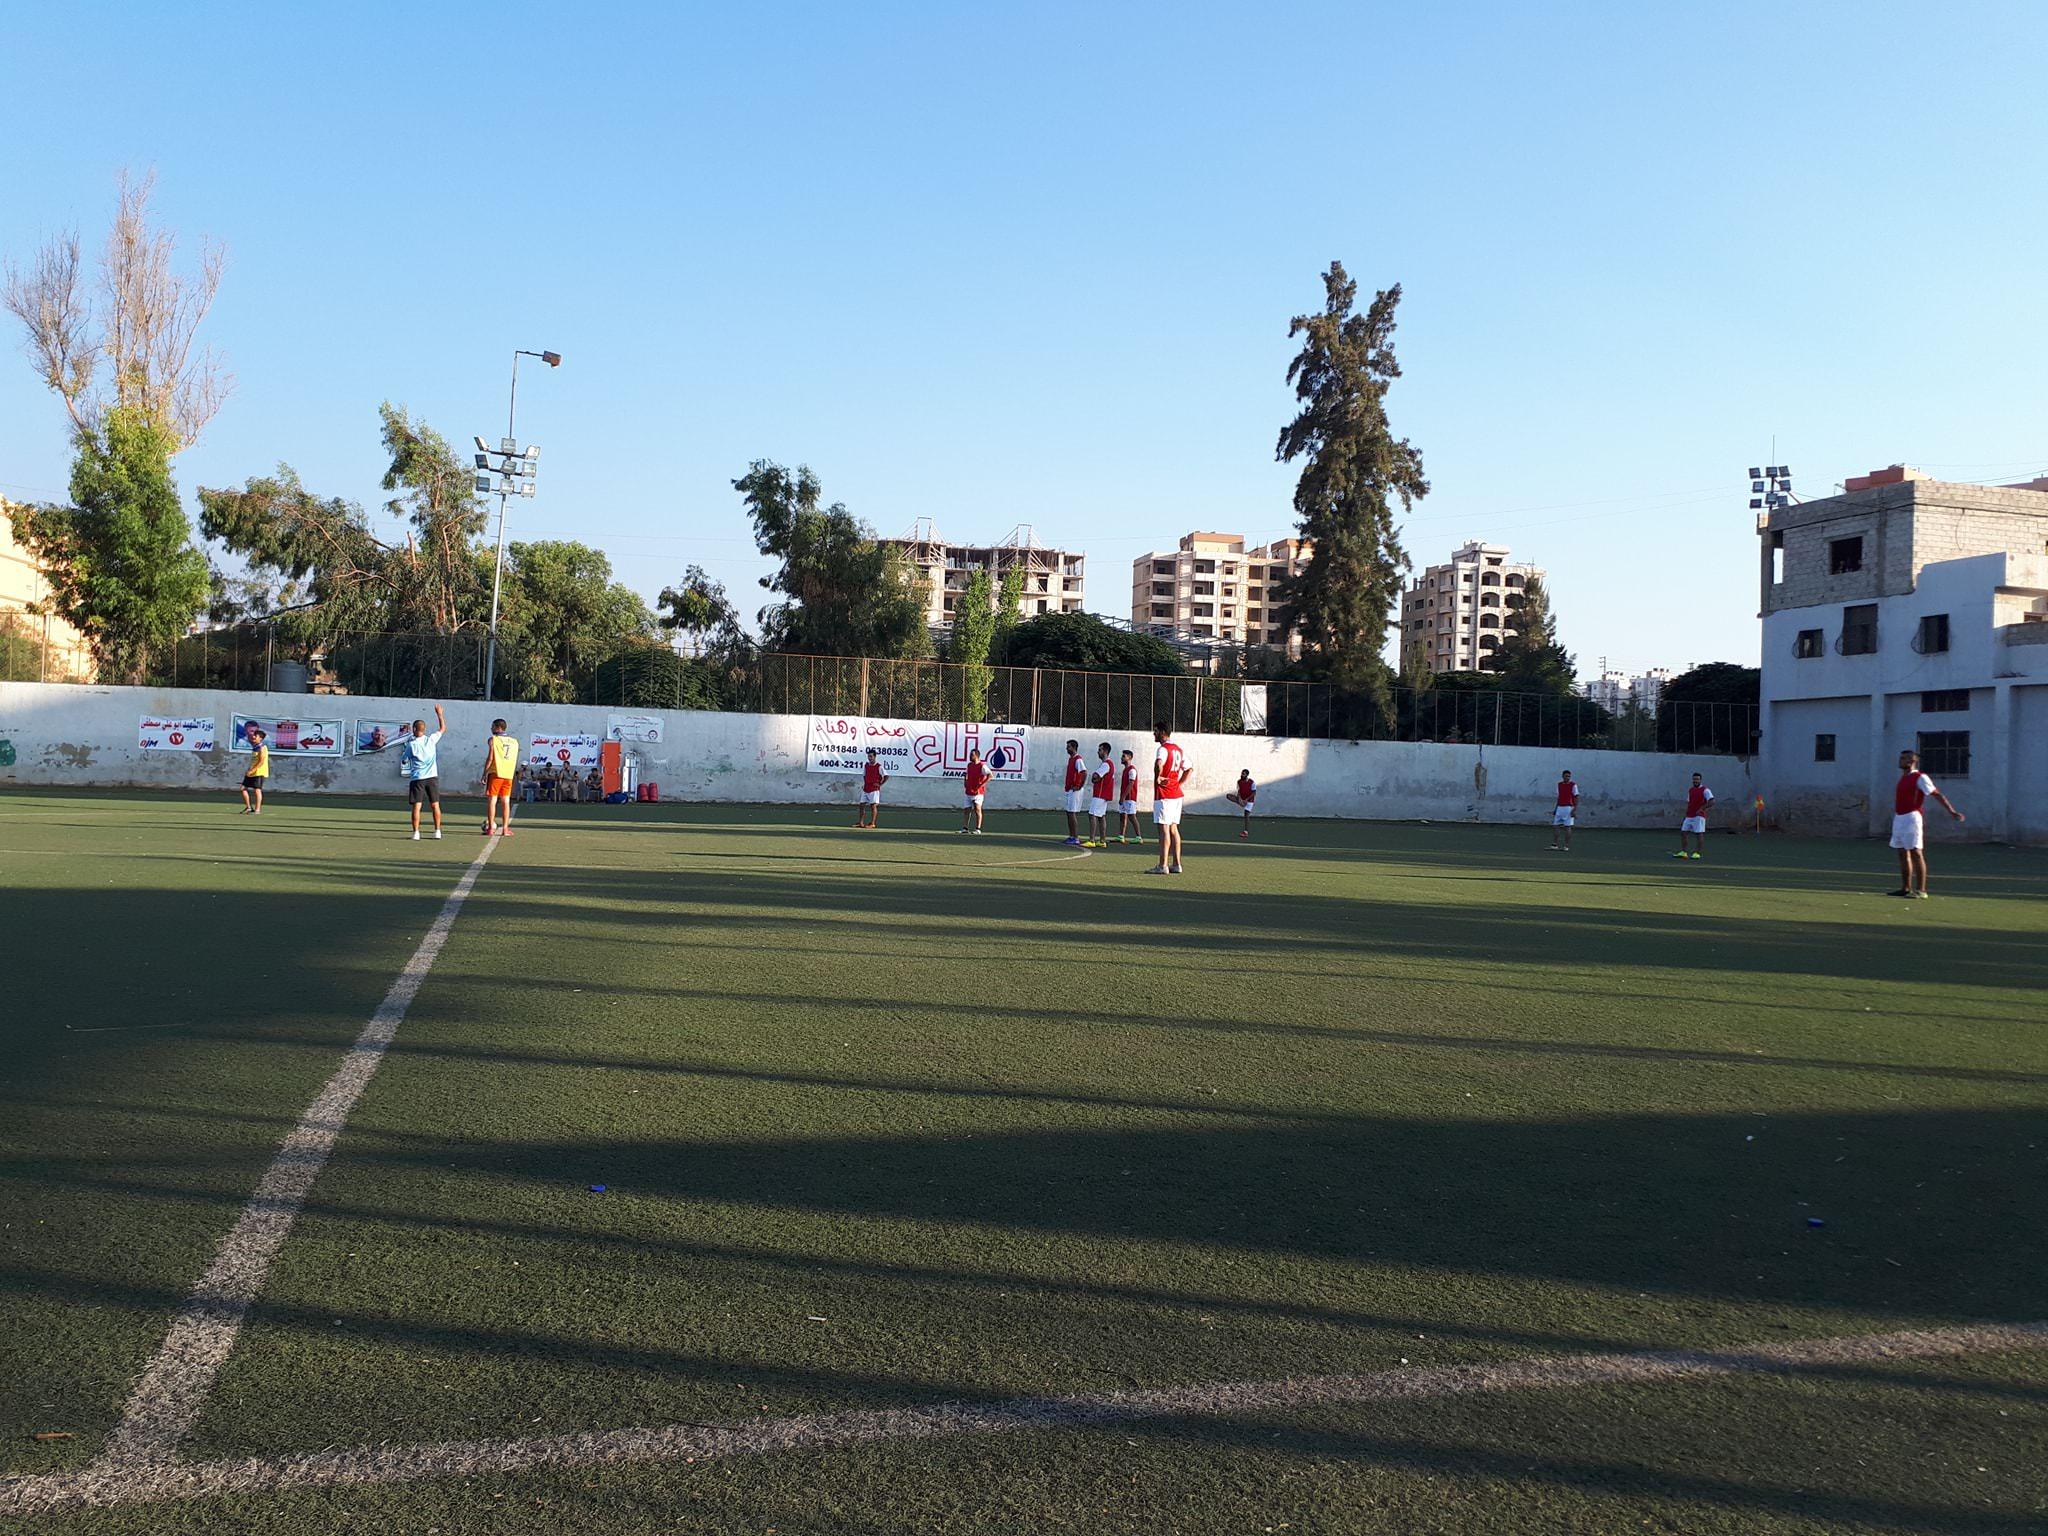 فوز نادي الأجيال على نادي الاهلي 6-0 في مخيم البداوي